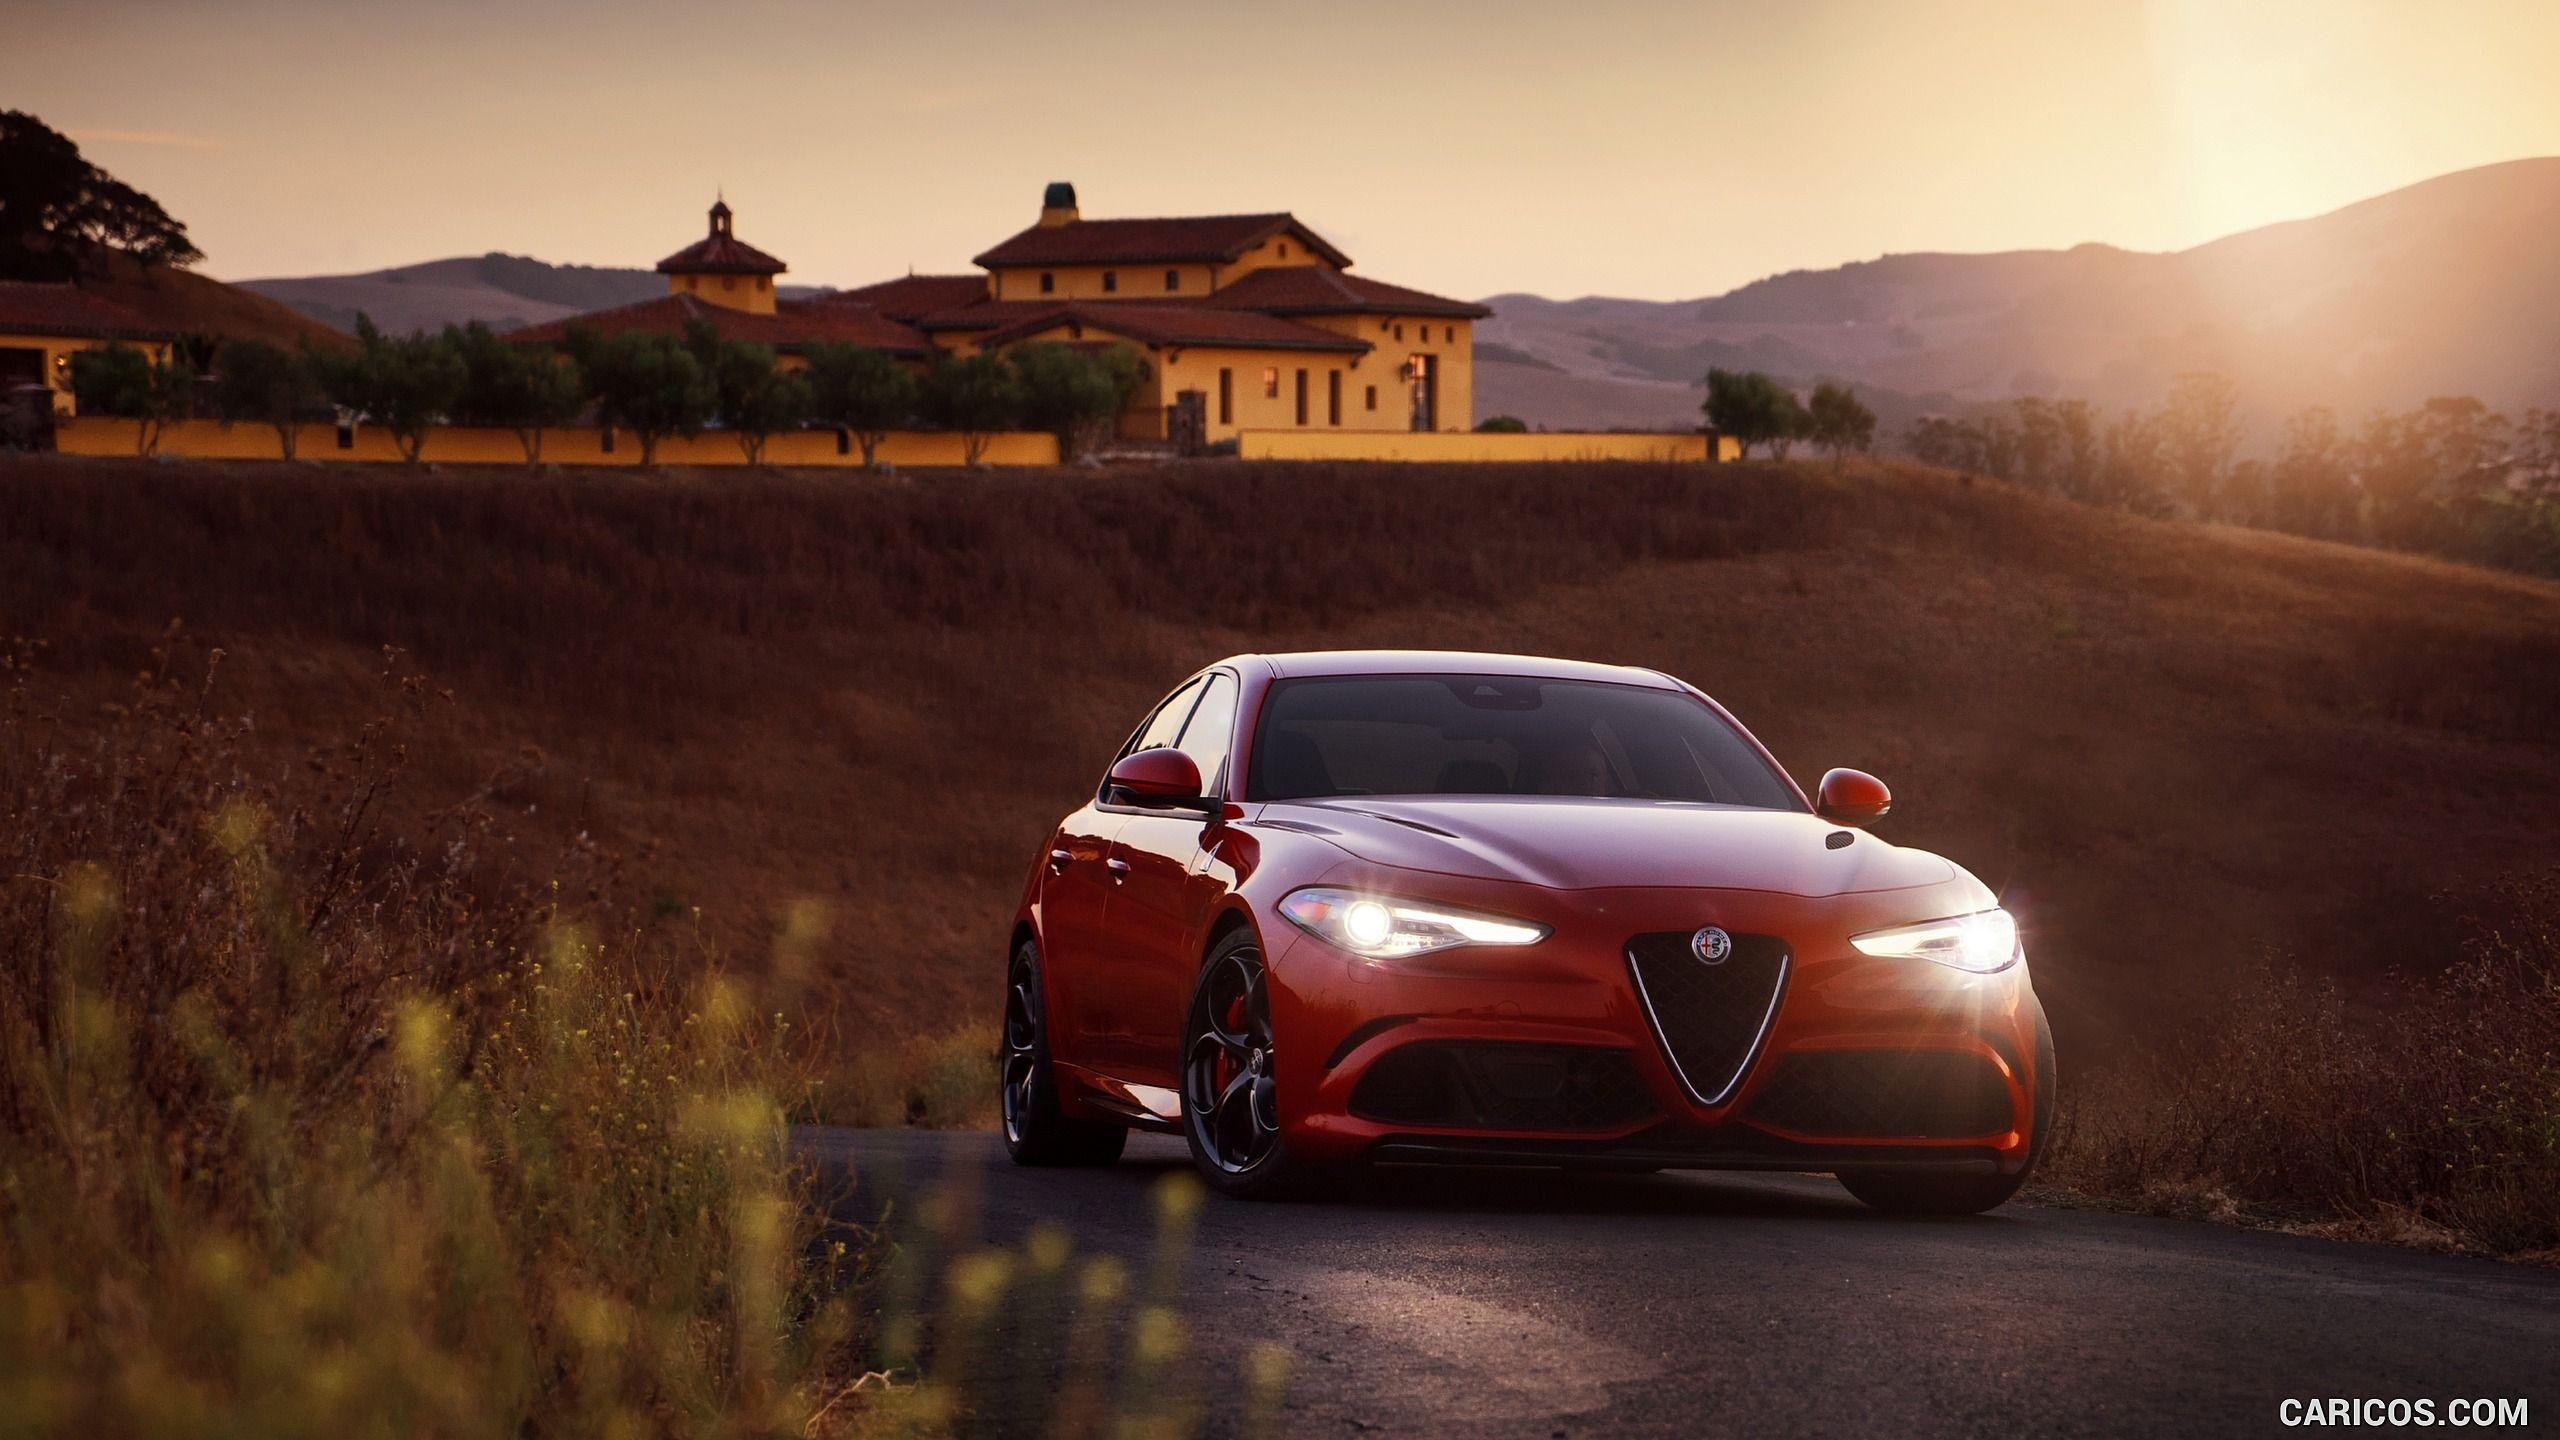 2017 Alfa Romeo Giulia Quadrifoglio Wallpaper